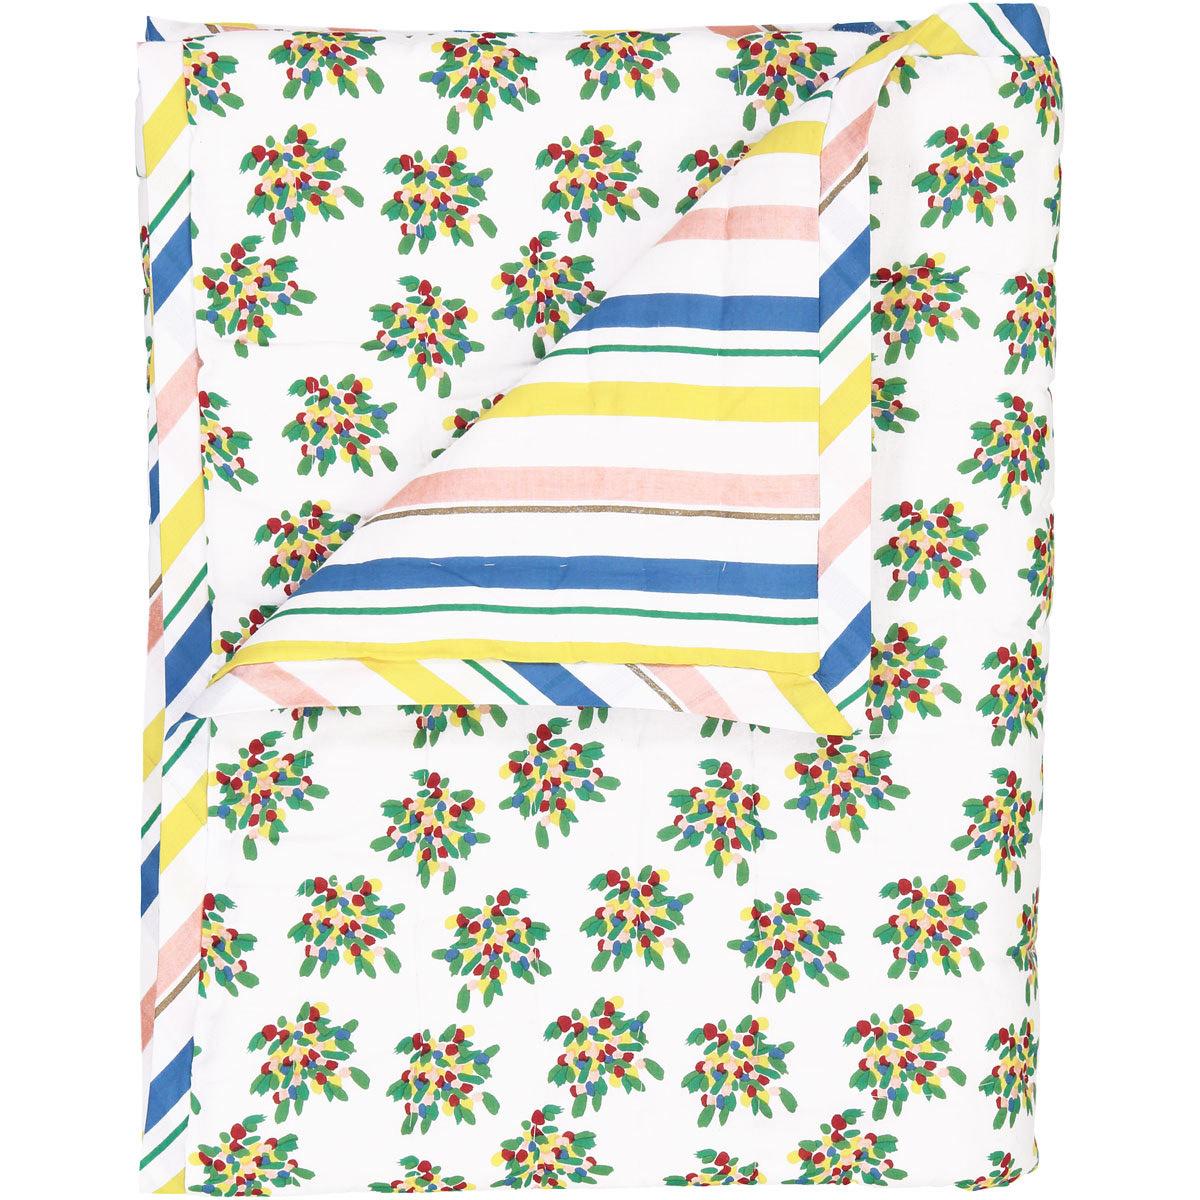 Linge de lit Edredon Réversible - Matisse Bouti Edredon Réversible - Matisse Bouti